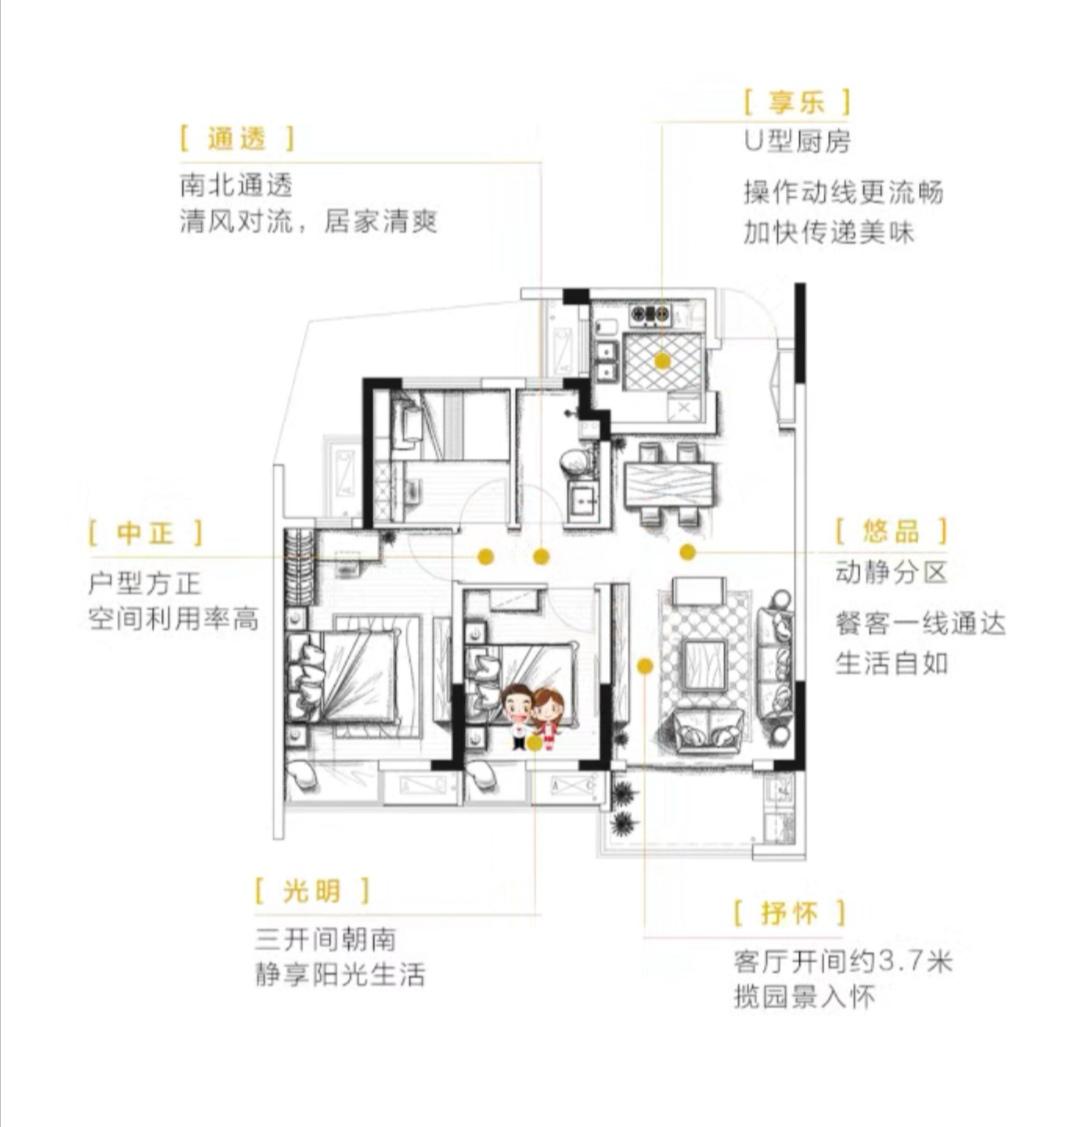 融信碧桂园金地·九棠的户型图